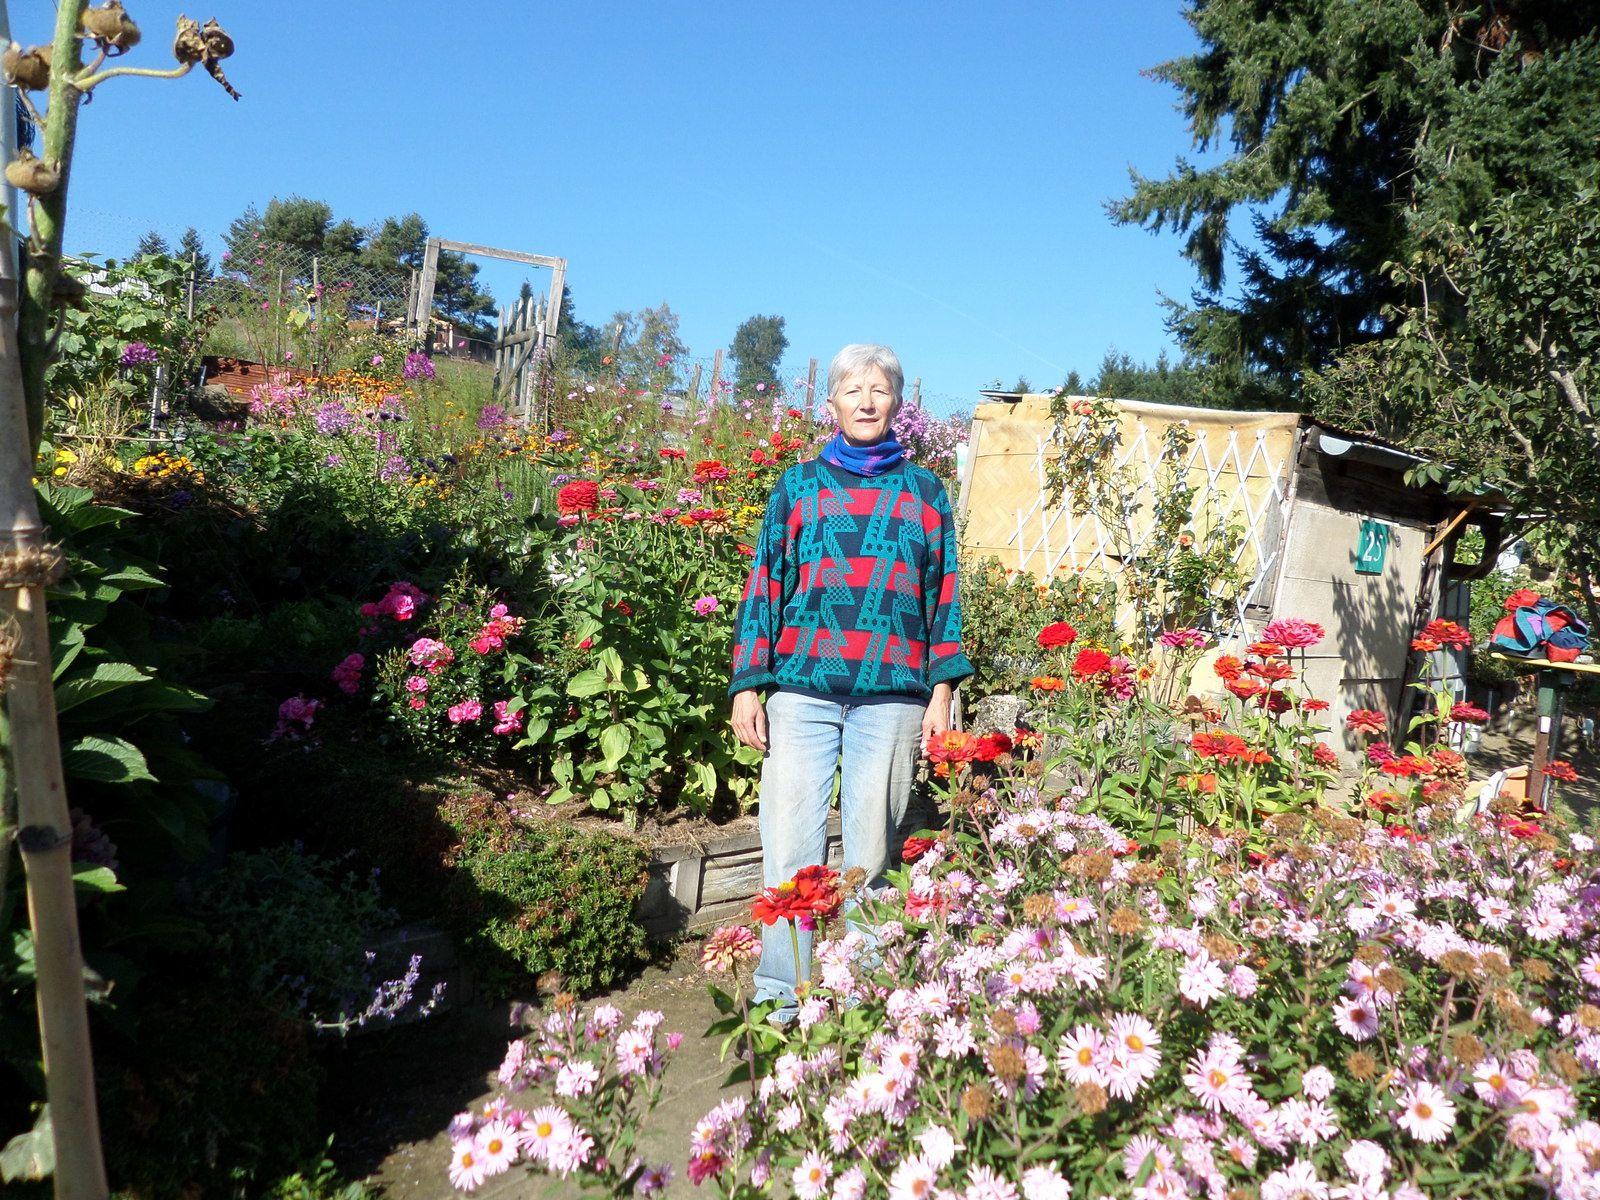 Joséfa dans son jardin ou légumes et fleurs cohabitent pour le bonheur des yeux.